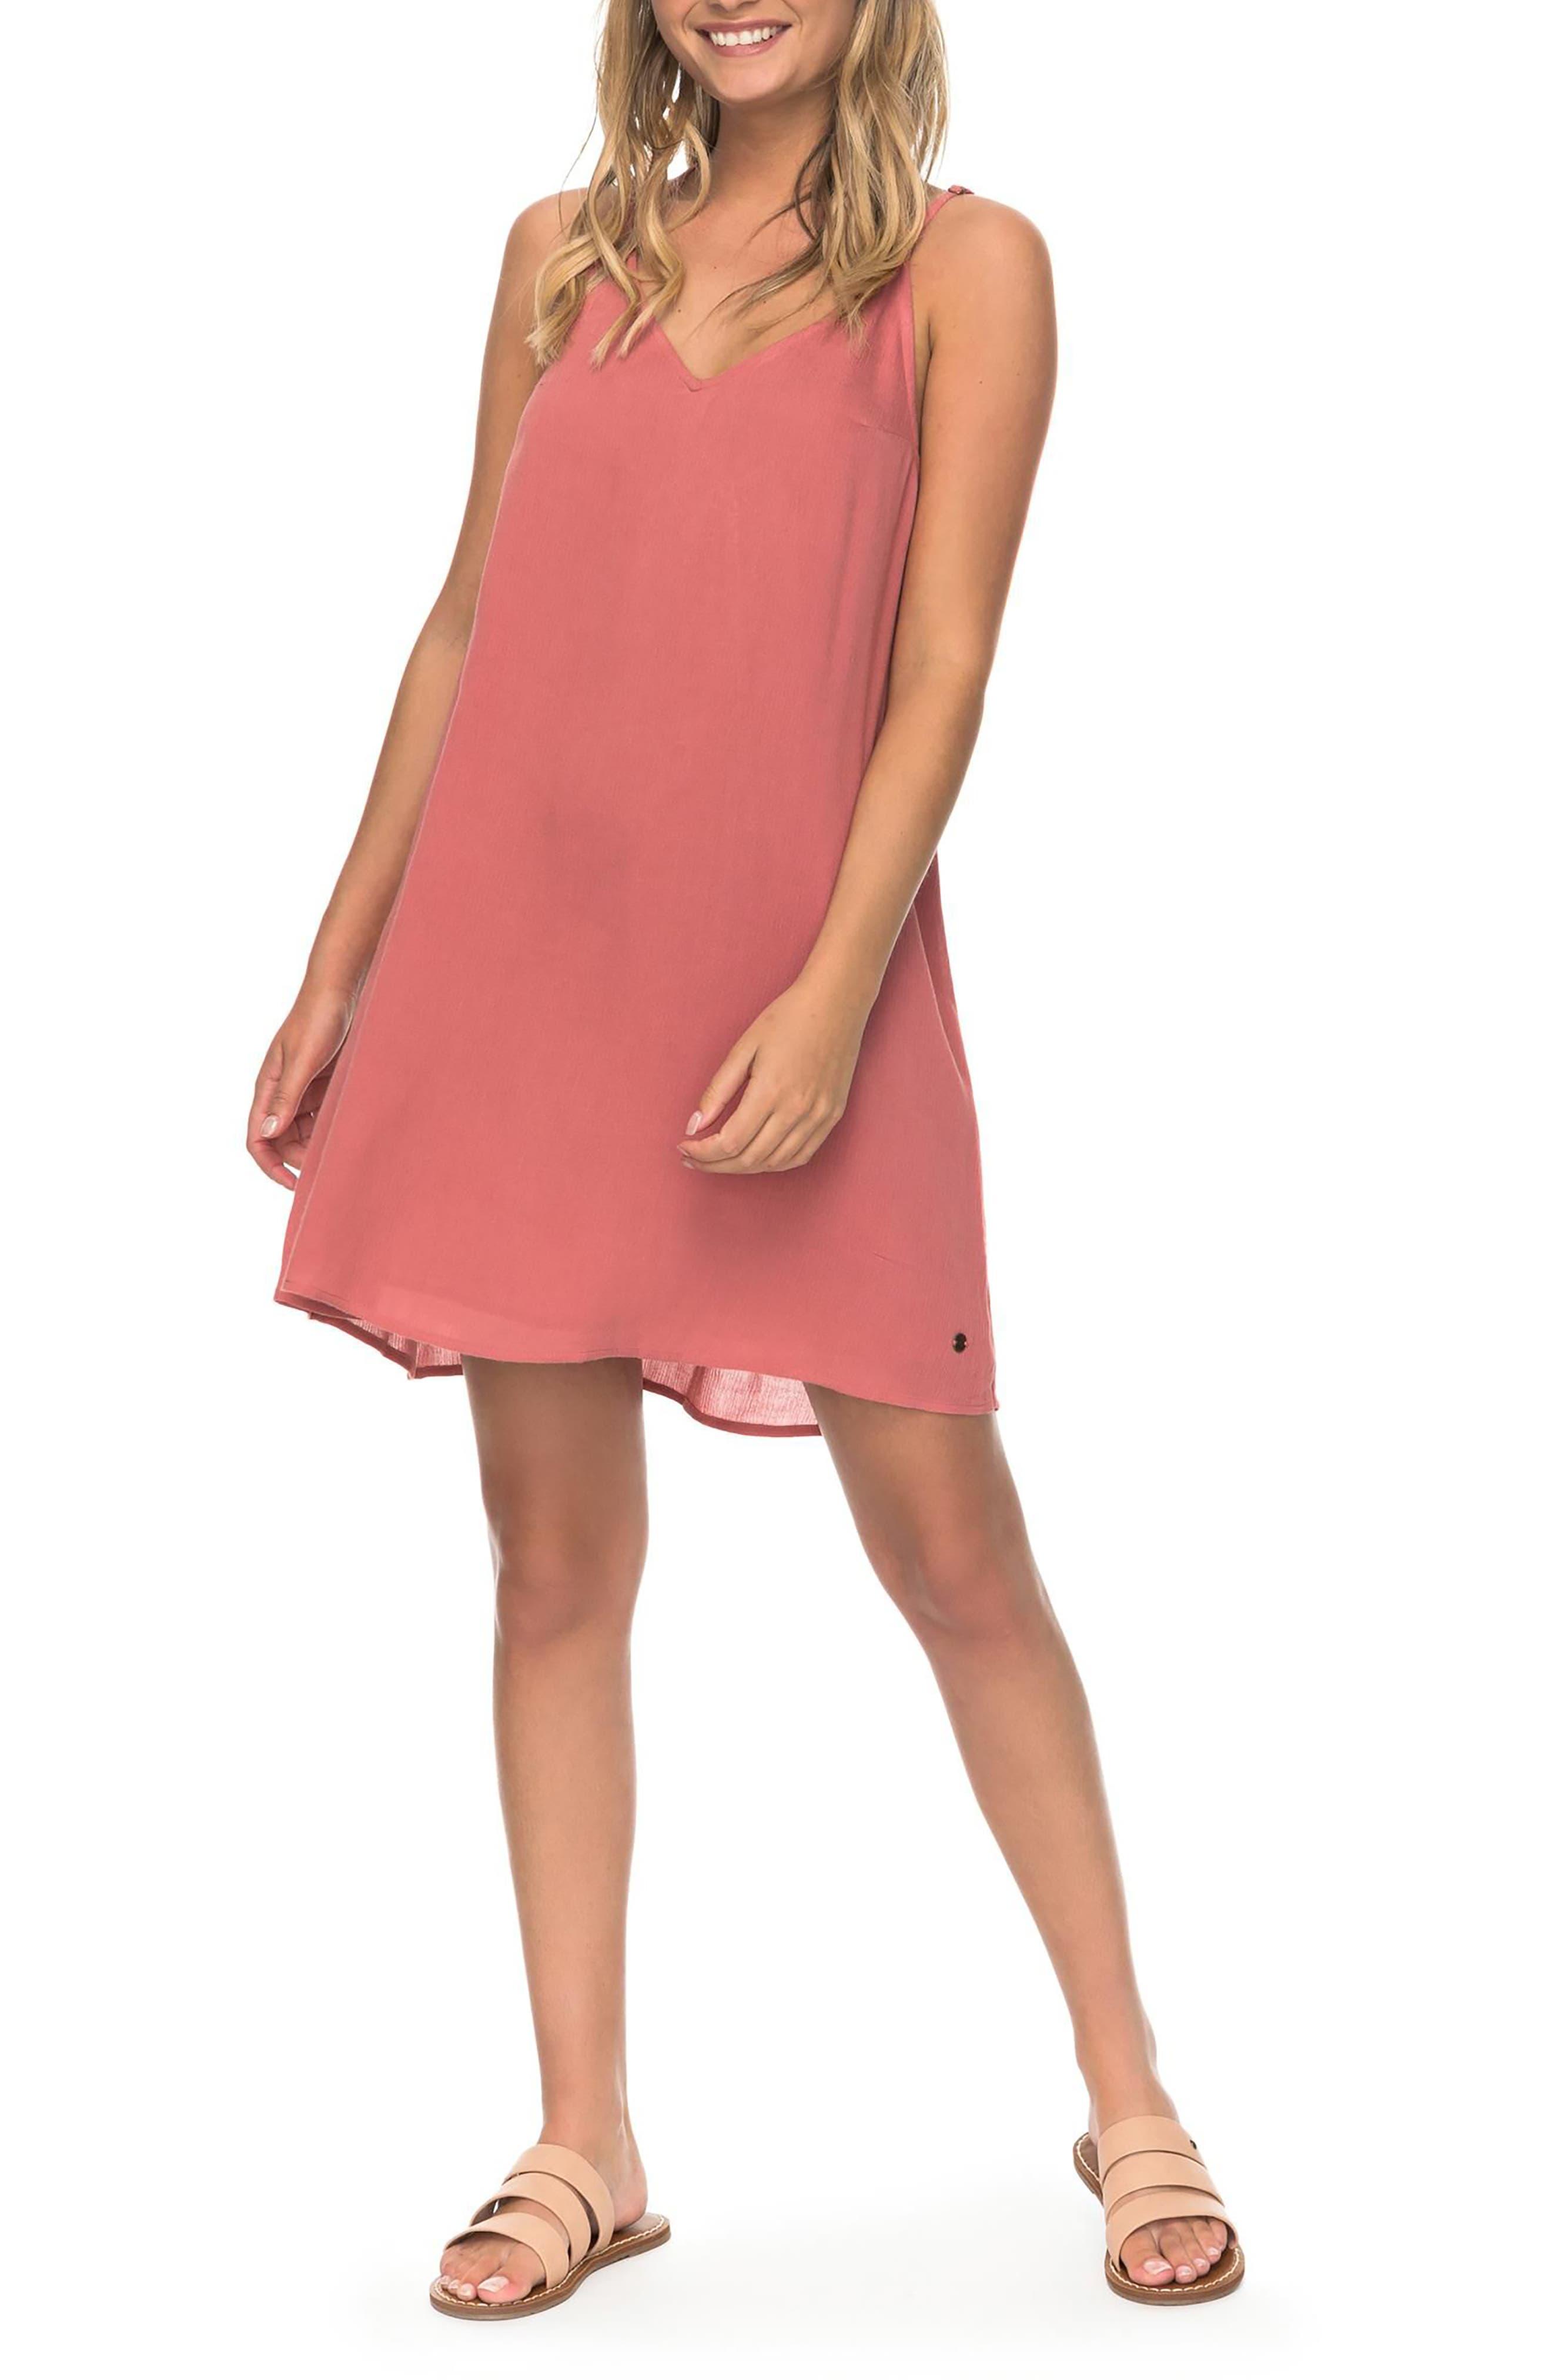 Roxy Dome of Amalfi Strappy Camisole Dress